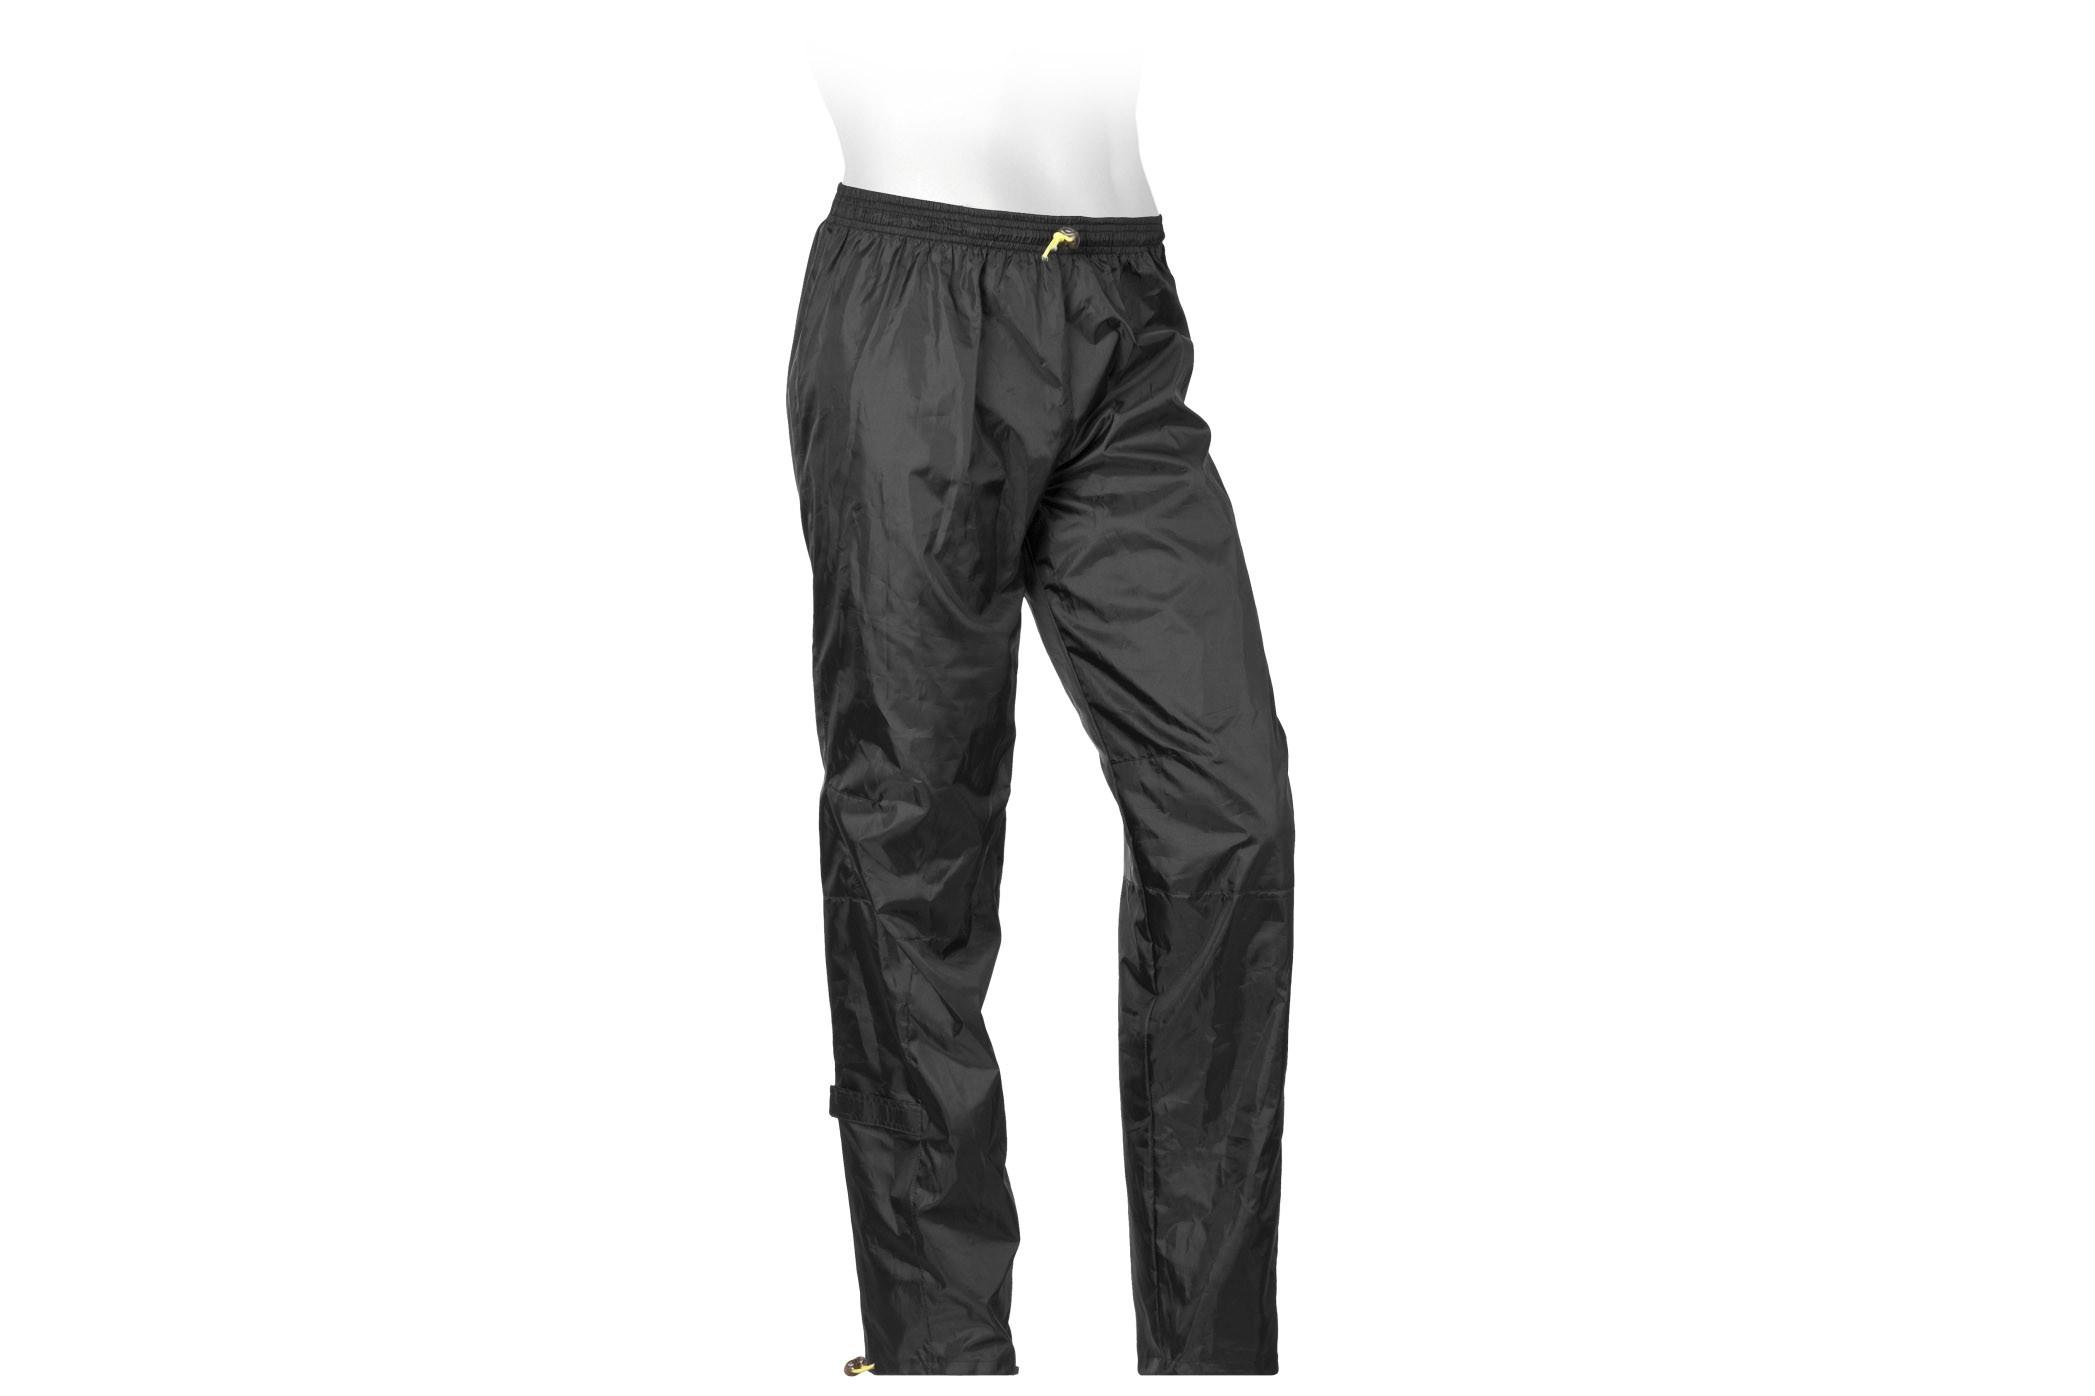 Spodnie przeciwdeszczowe Aqua czarne XXL ACCENT